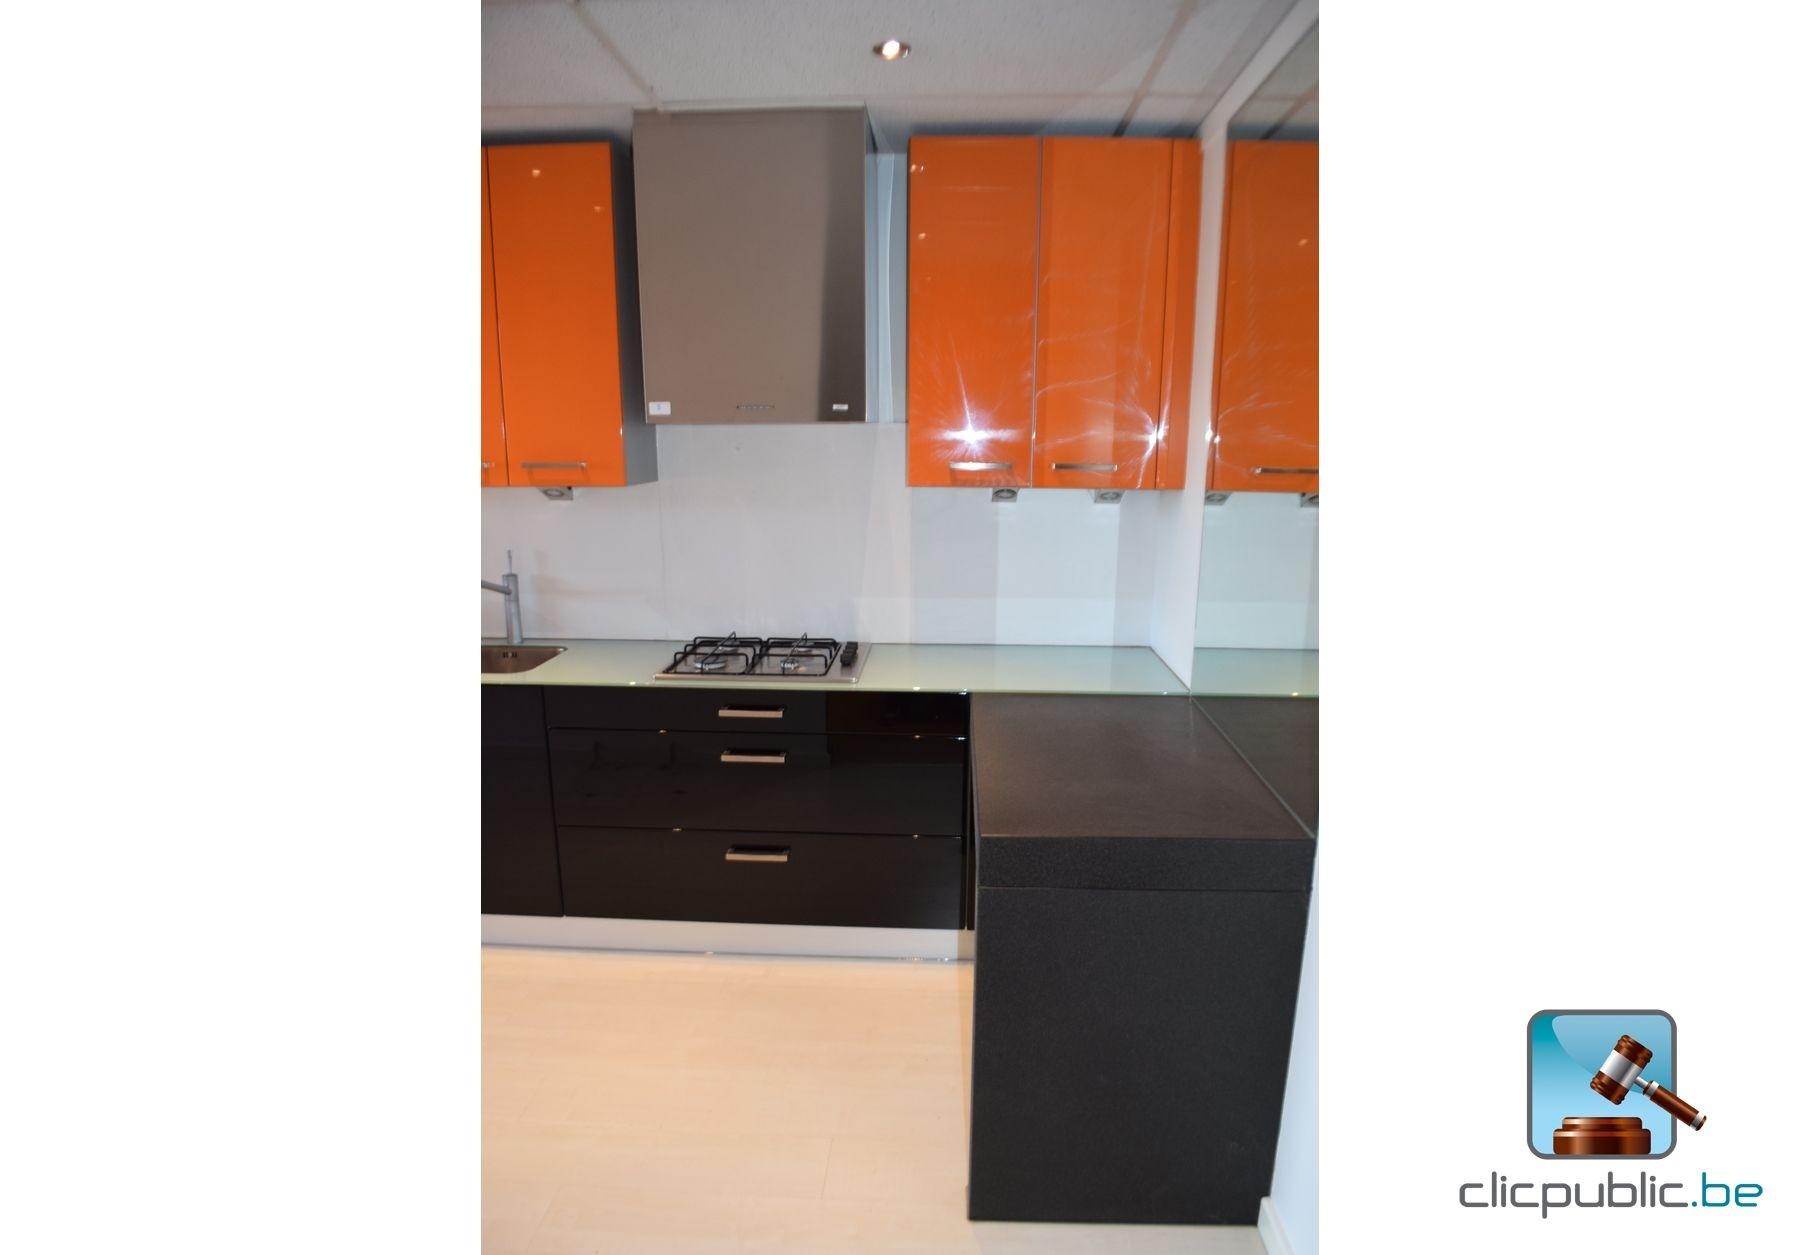 keuken orange et noir plan de travail topglass 10mm et. Black Bedroom Furniture Sets. Home Design Ideas